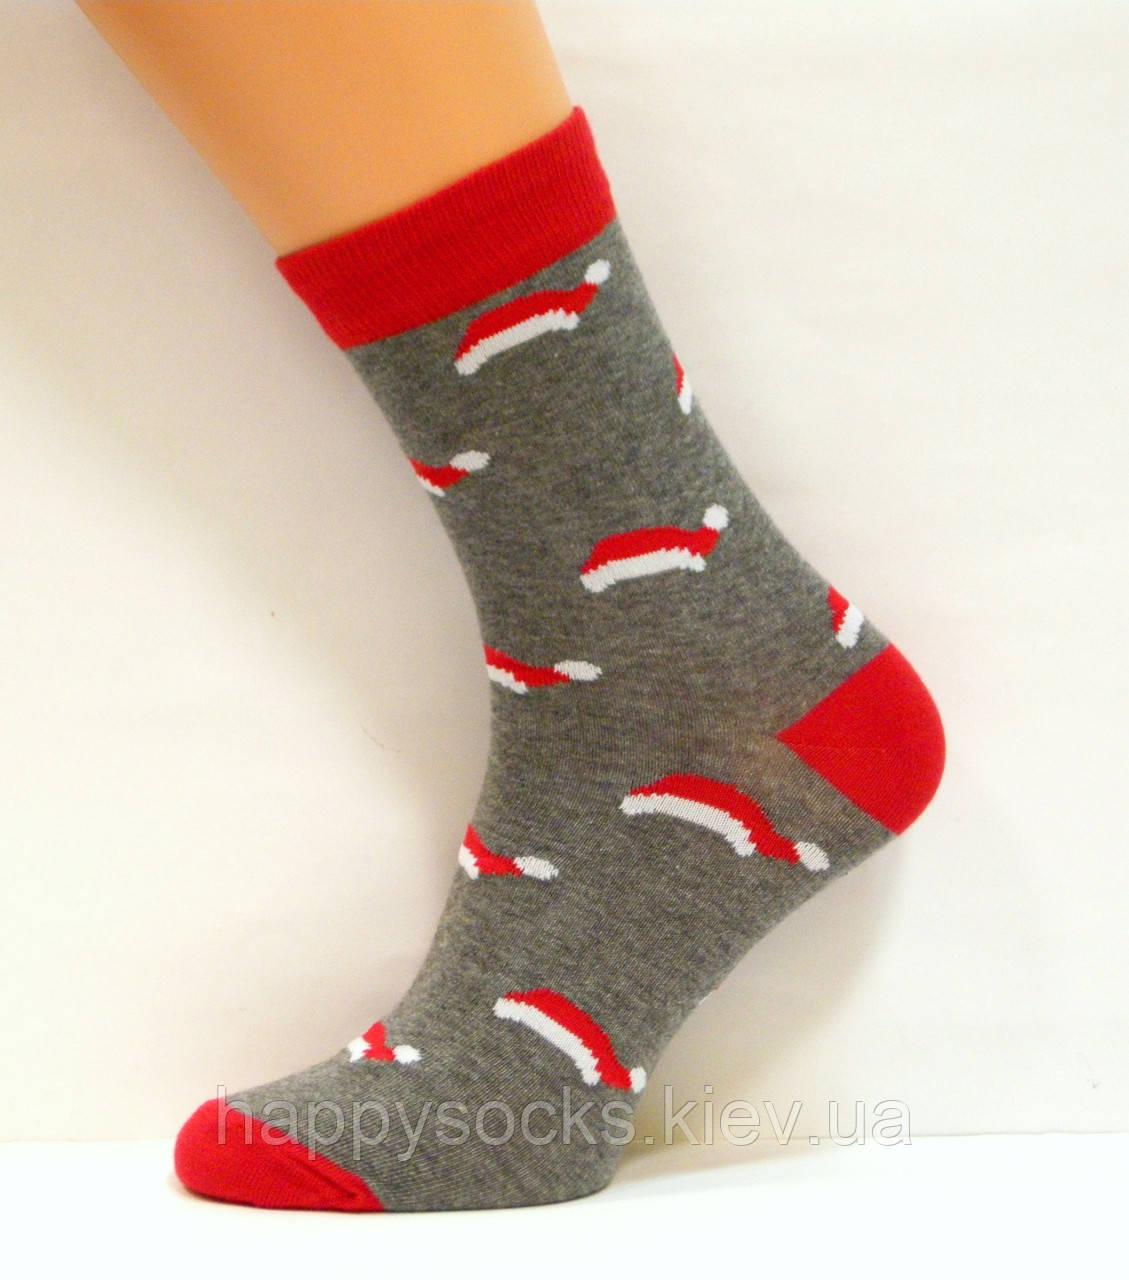 Носки цветные в новогоднюю шапочку темно-серого цвета